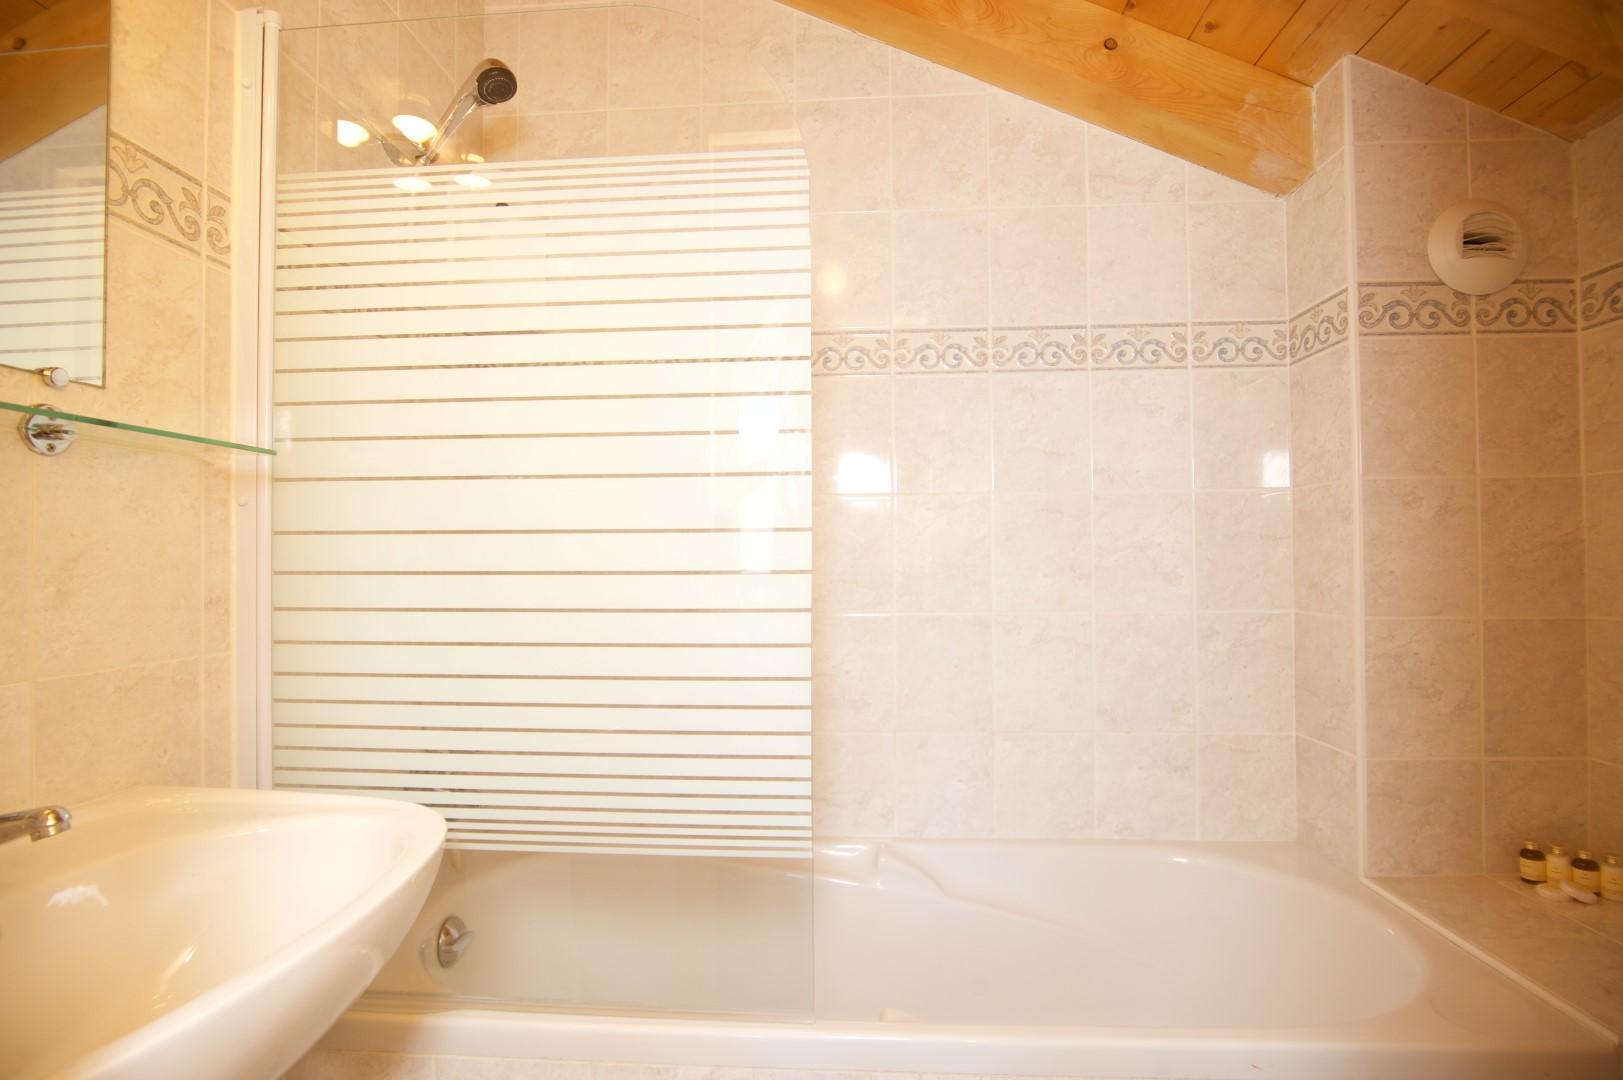 Anniek Room 4 Bathroom